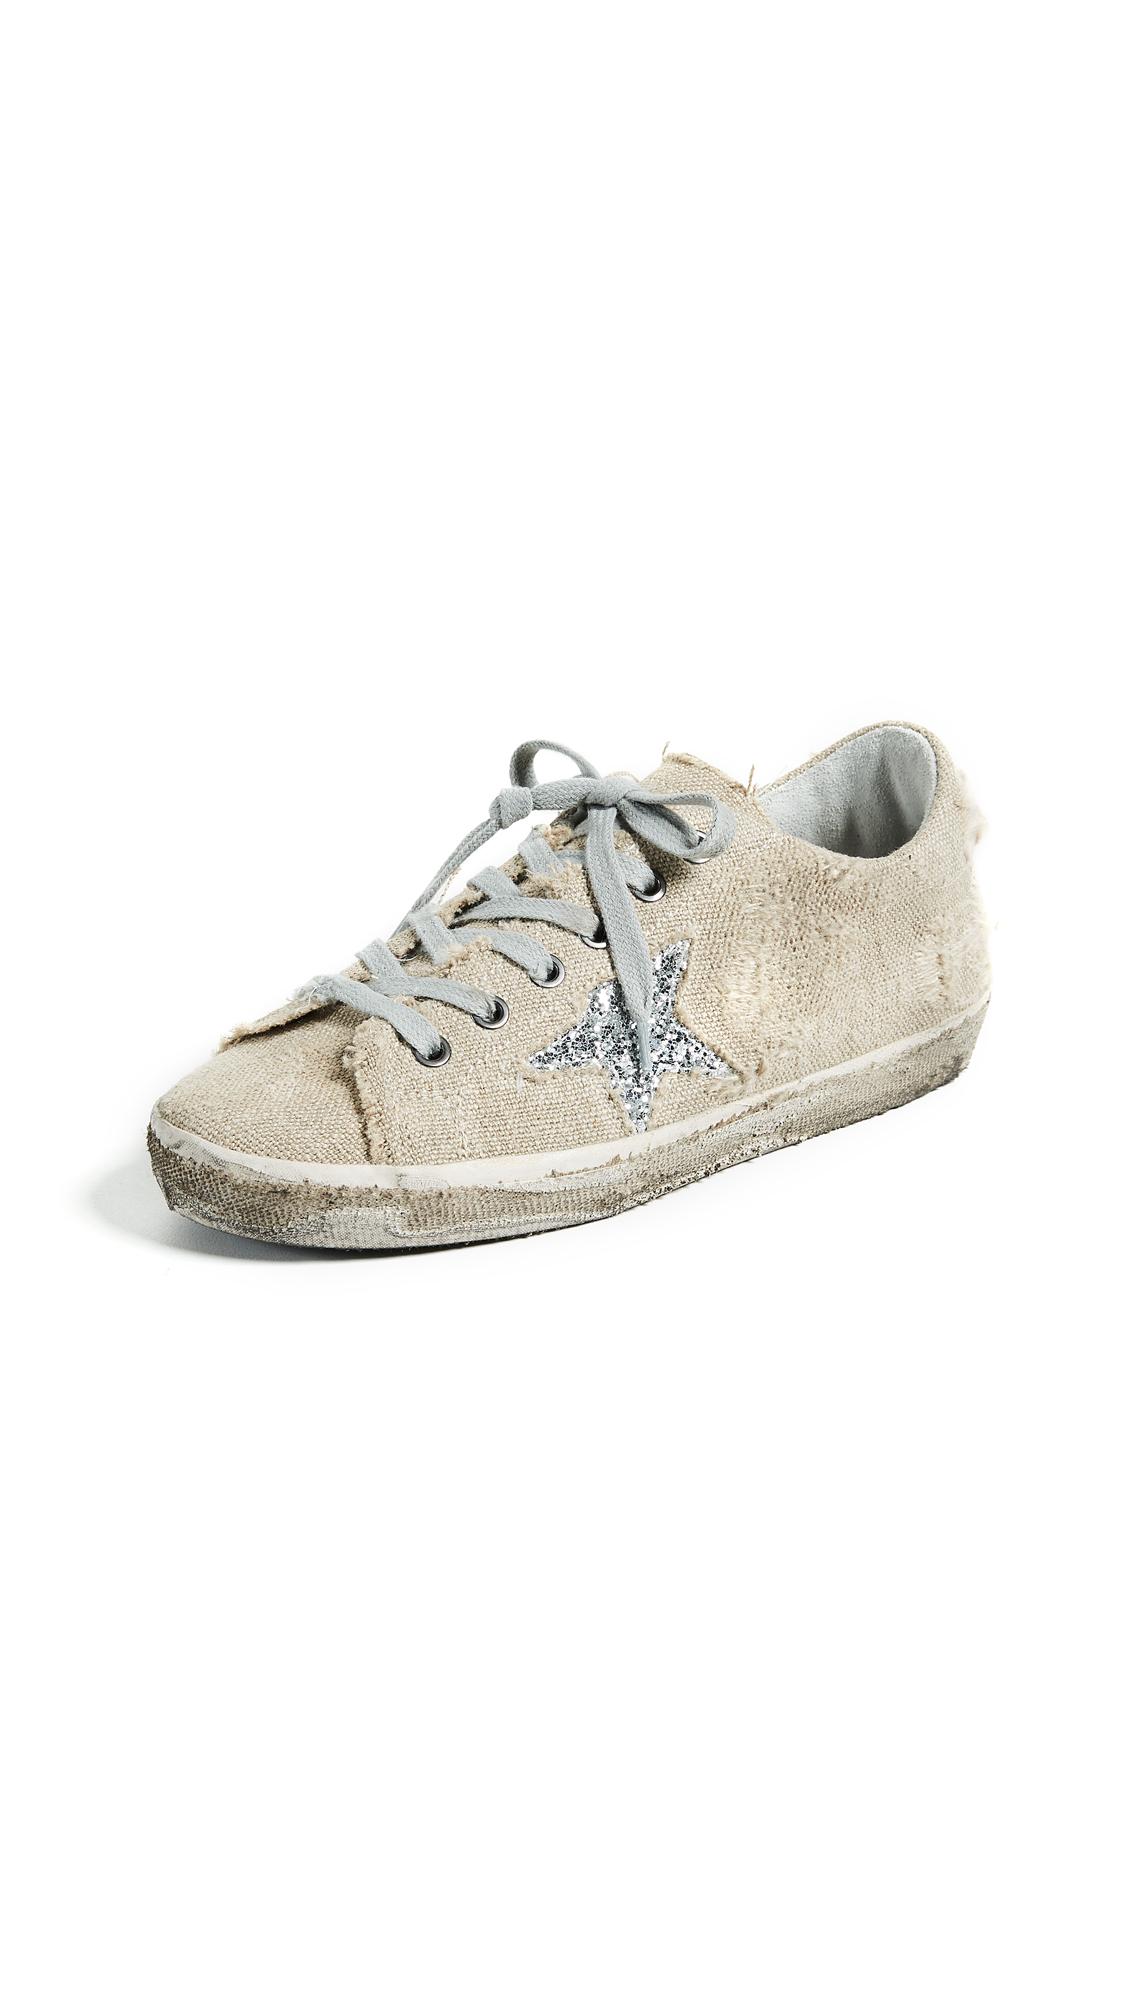 Golden Goose Superstar Sneakers - Linen/Silver